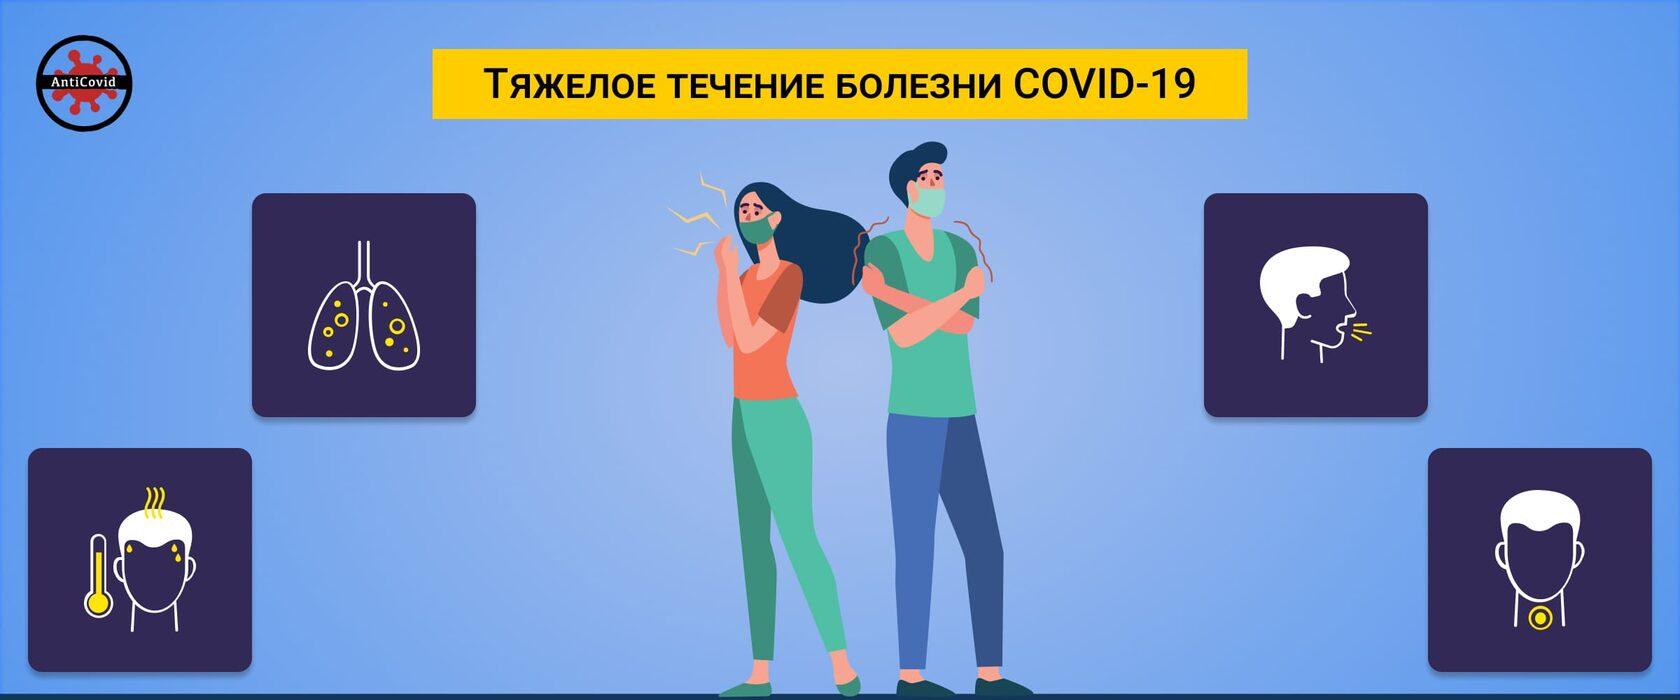 Тяжелое течение болезни COVID-19